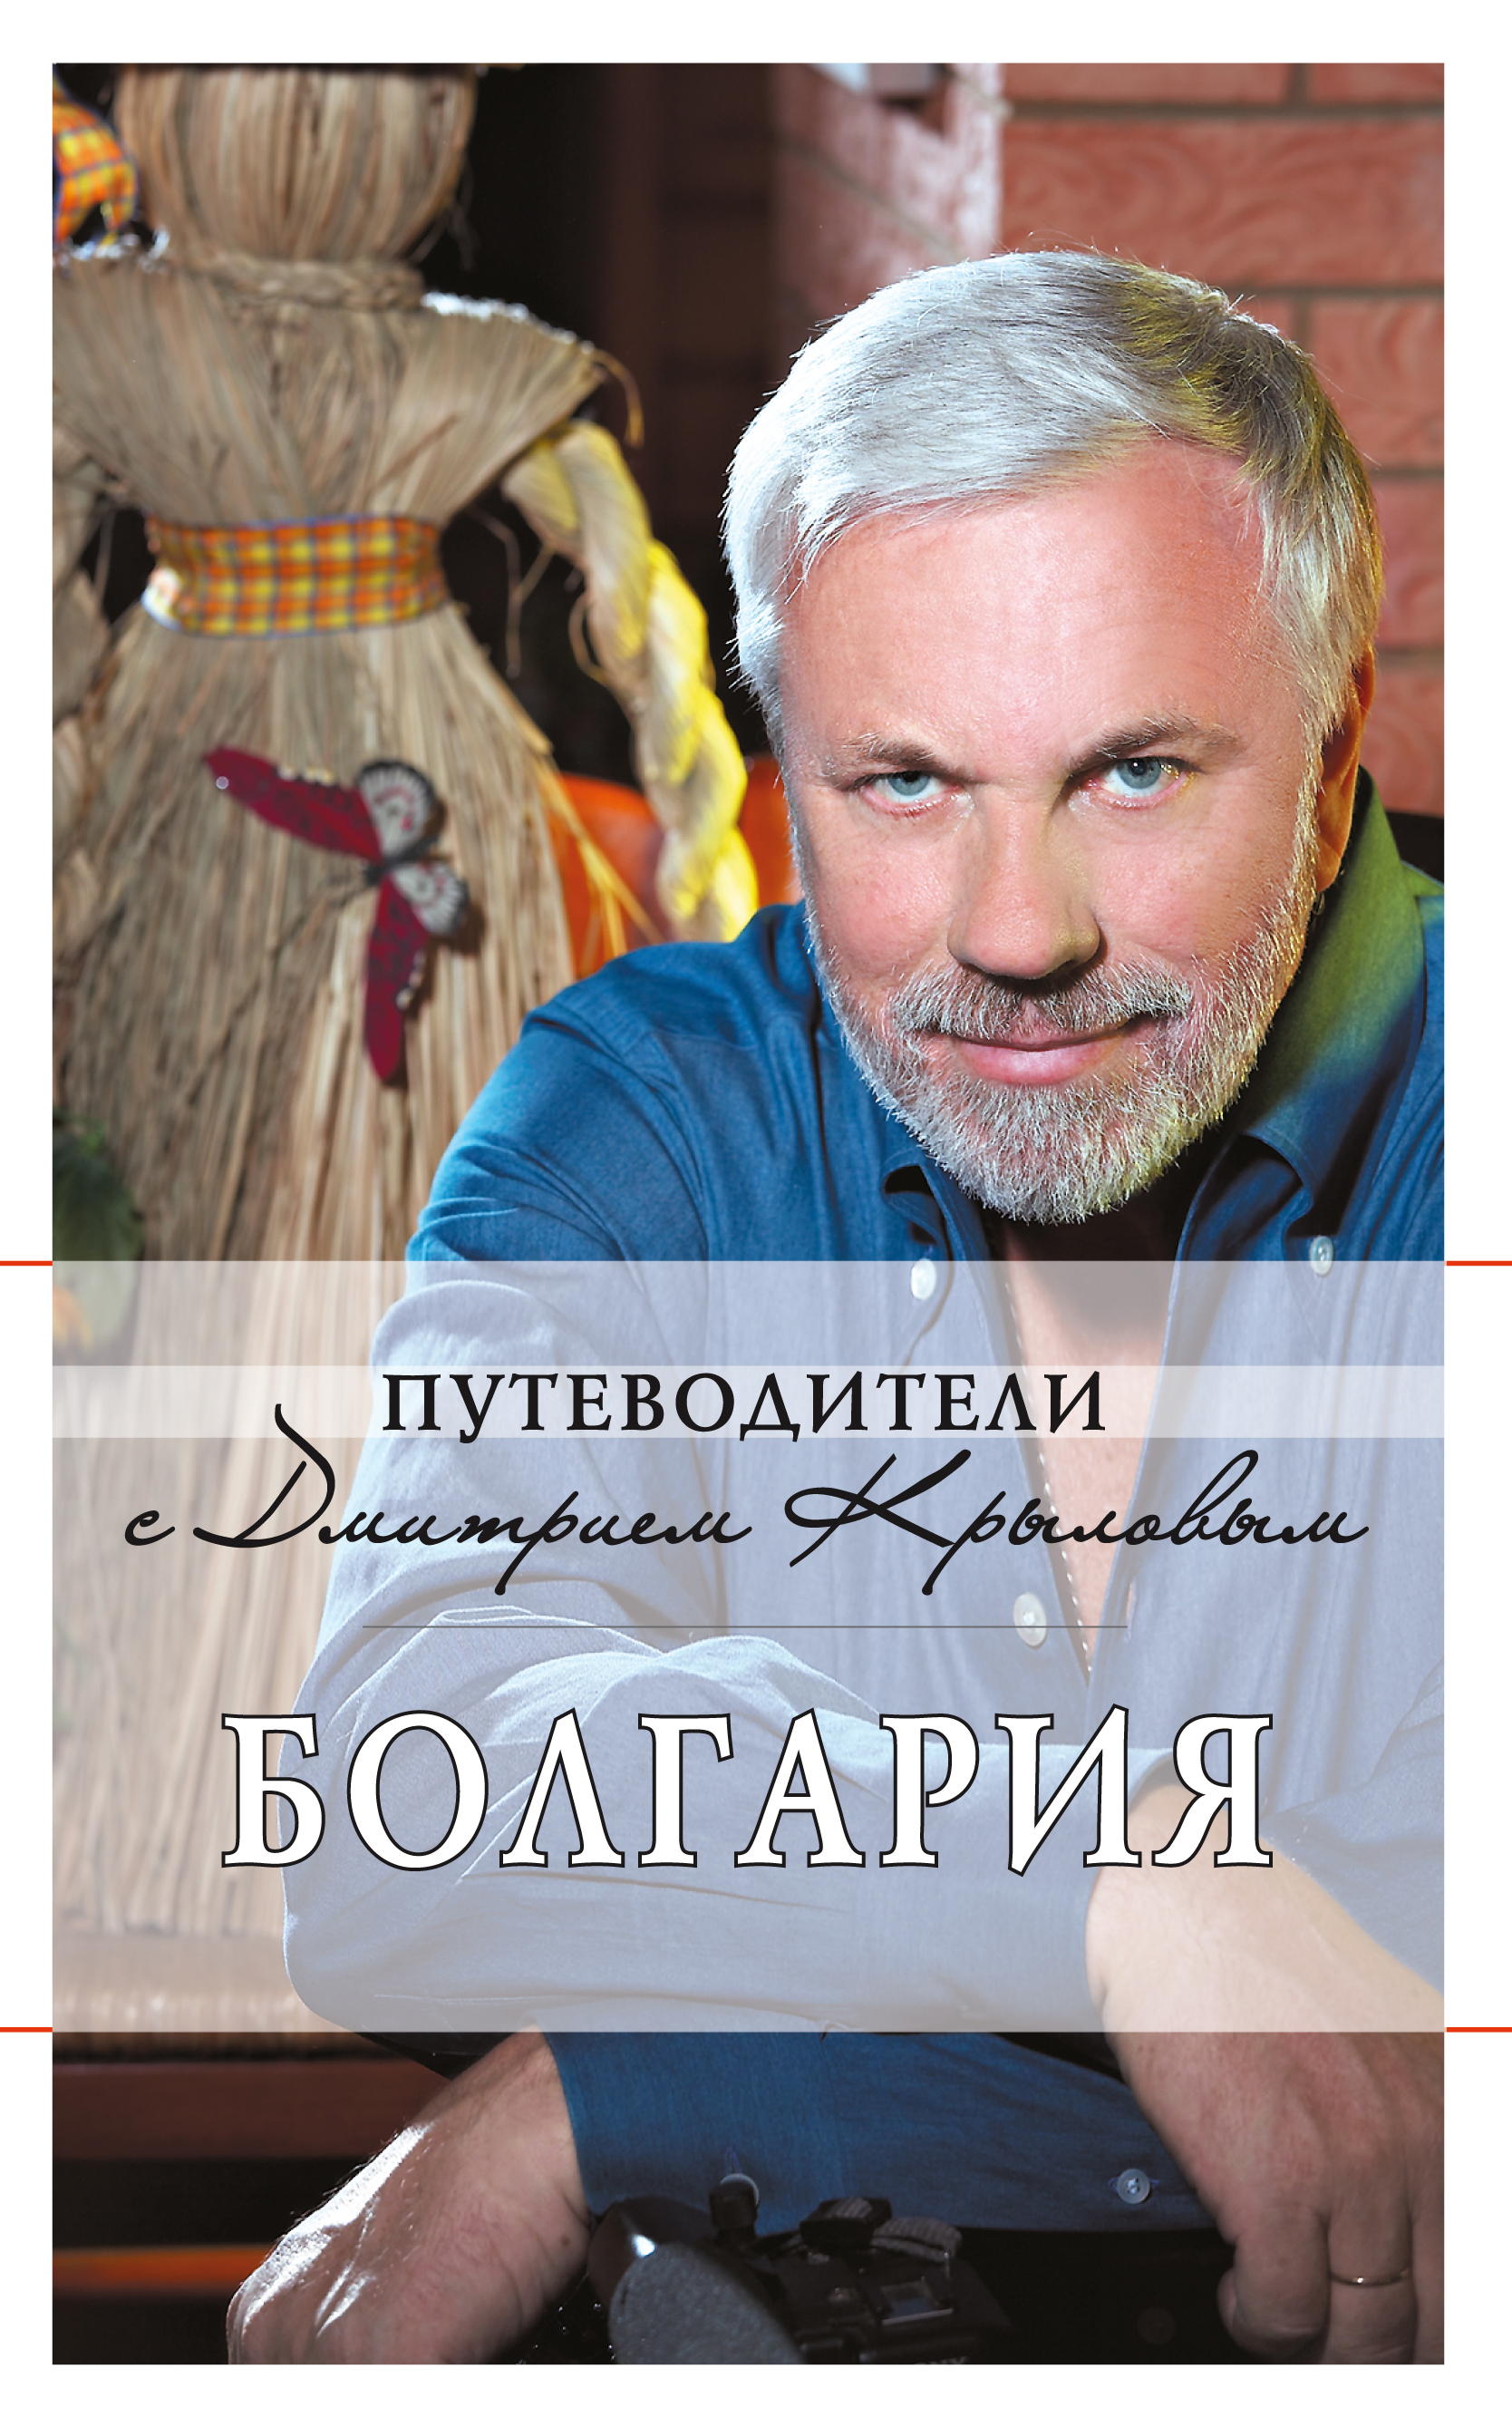 Крылов Д., Кульков Д. Болгария: путеводитель. 2-е изд. (+DVD)